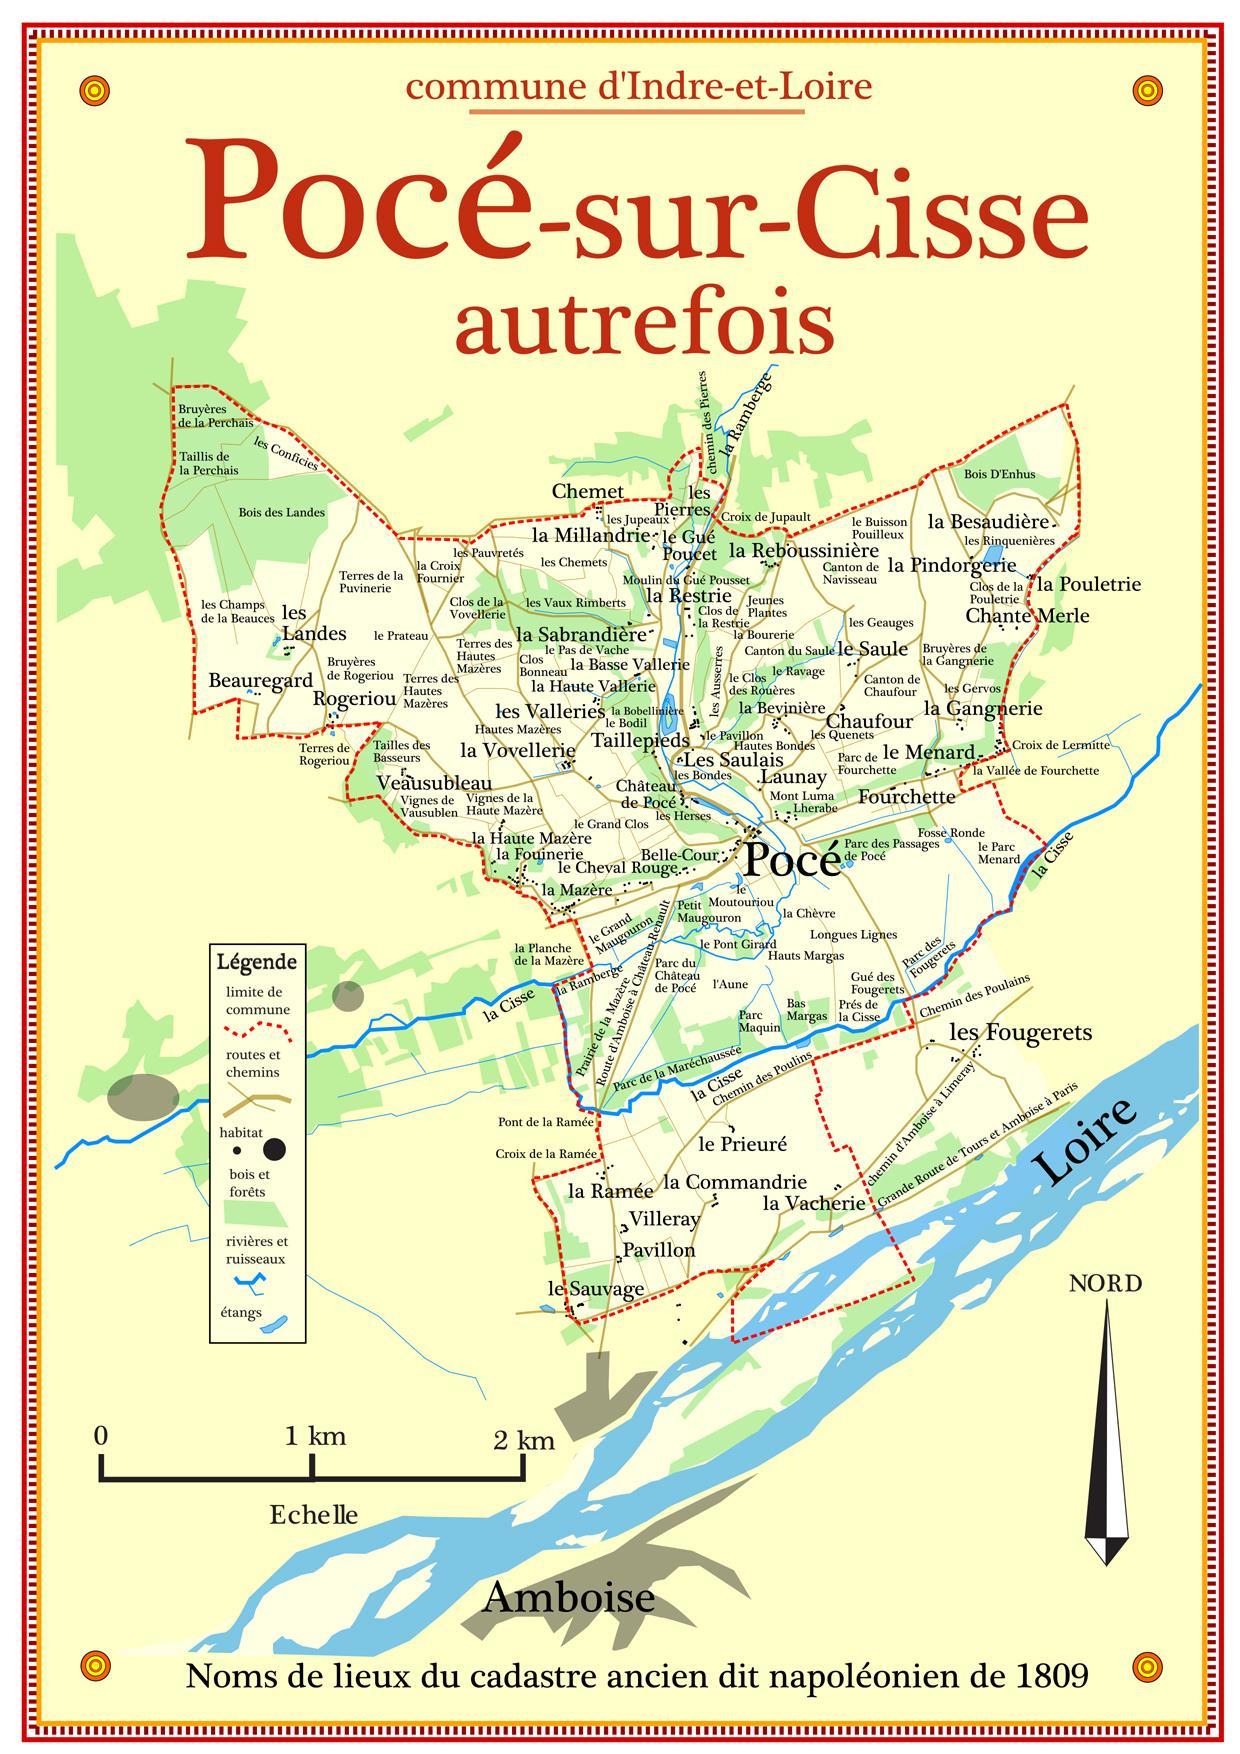 Pocé-sur-Cisse(37)JoliCadre